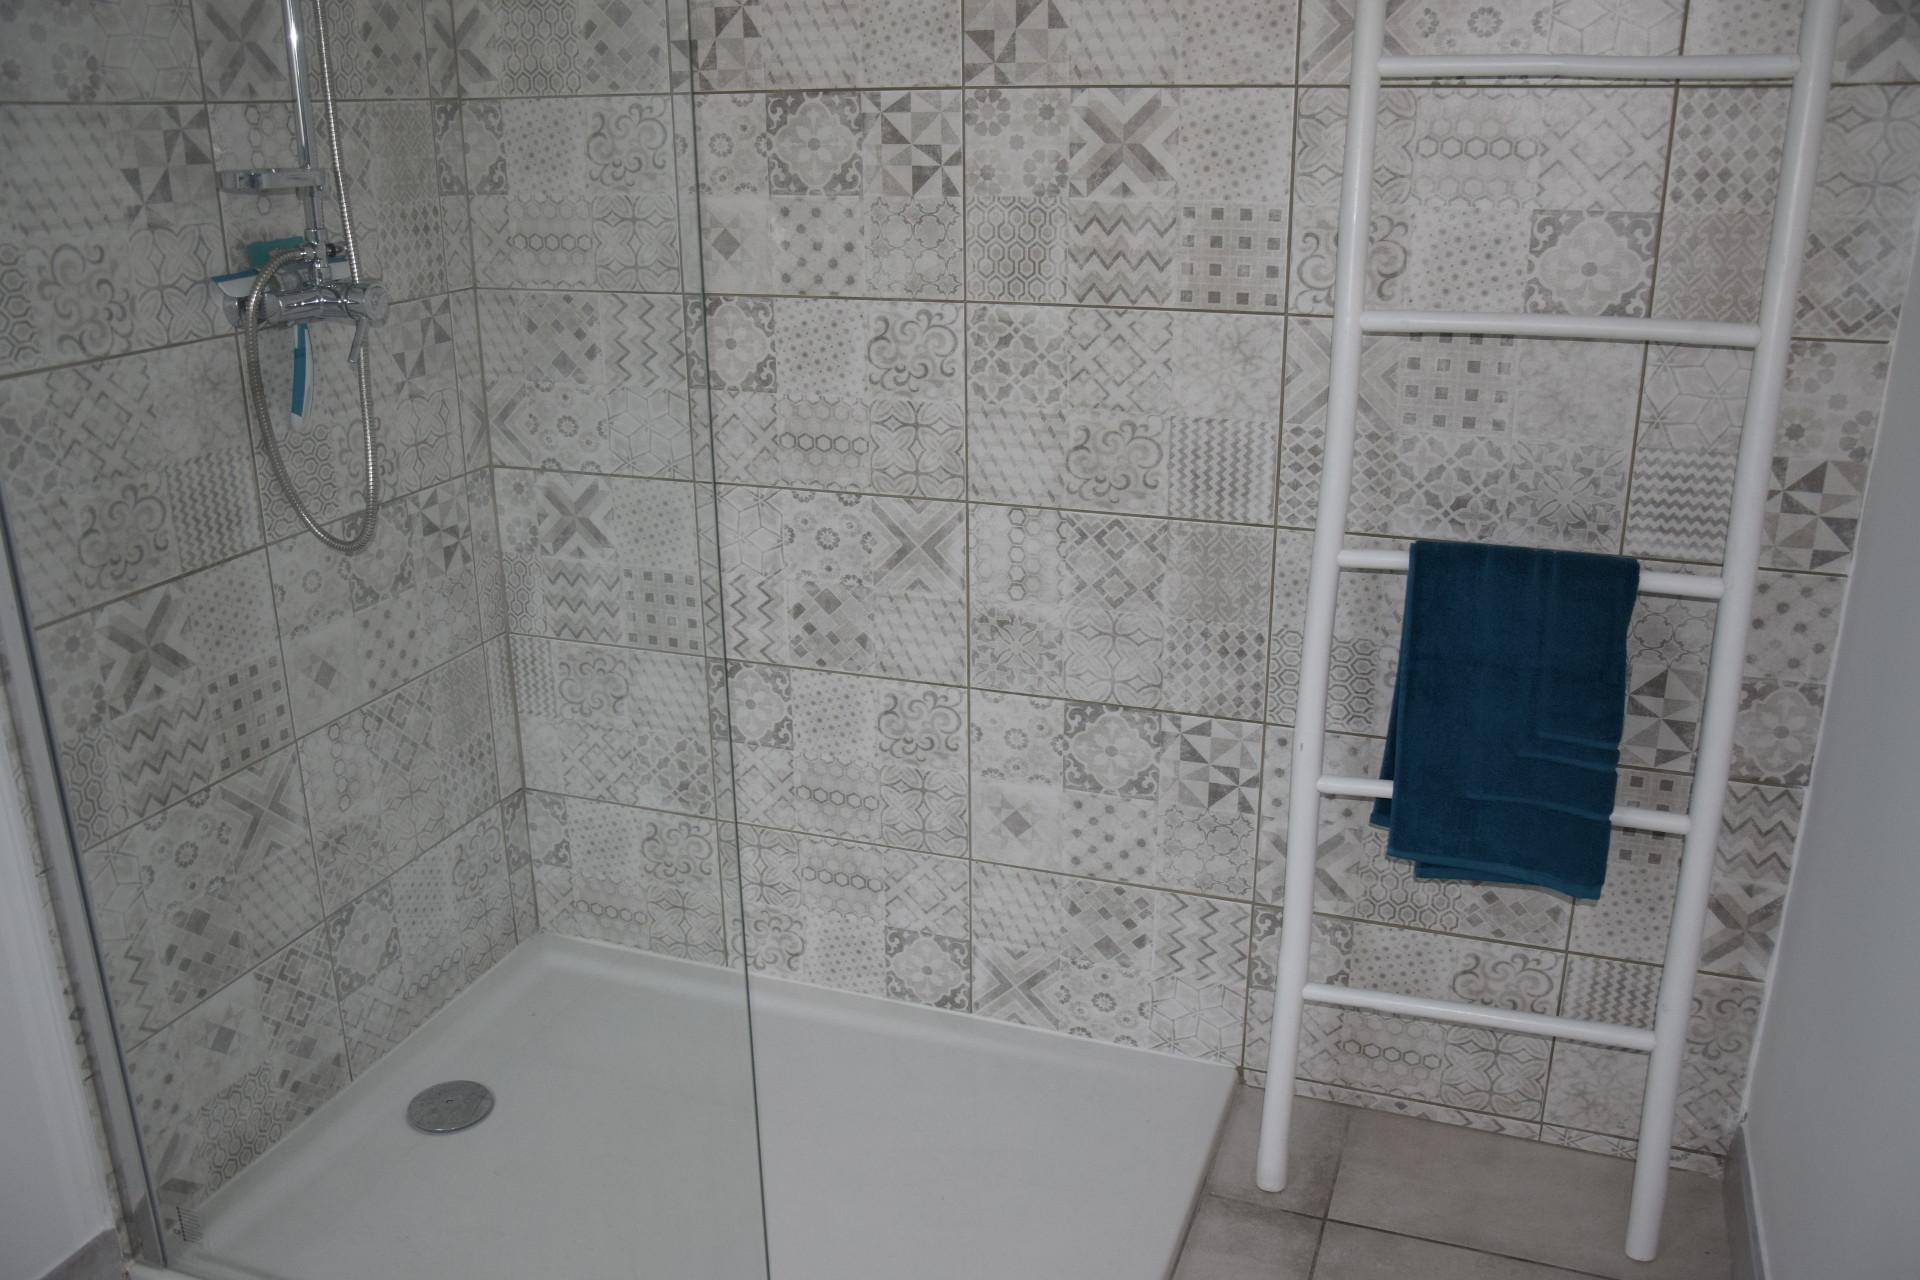 Salle de bain chambres d'hôte Isle sur la Sorgue Vaucluse